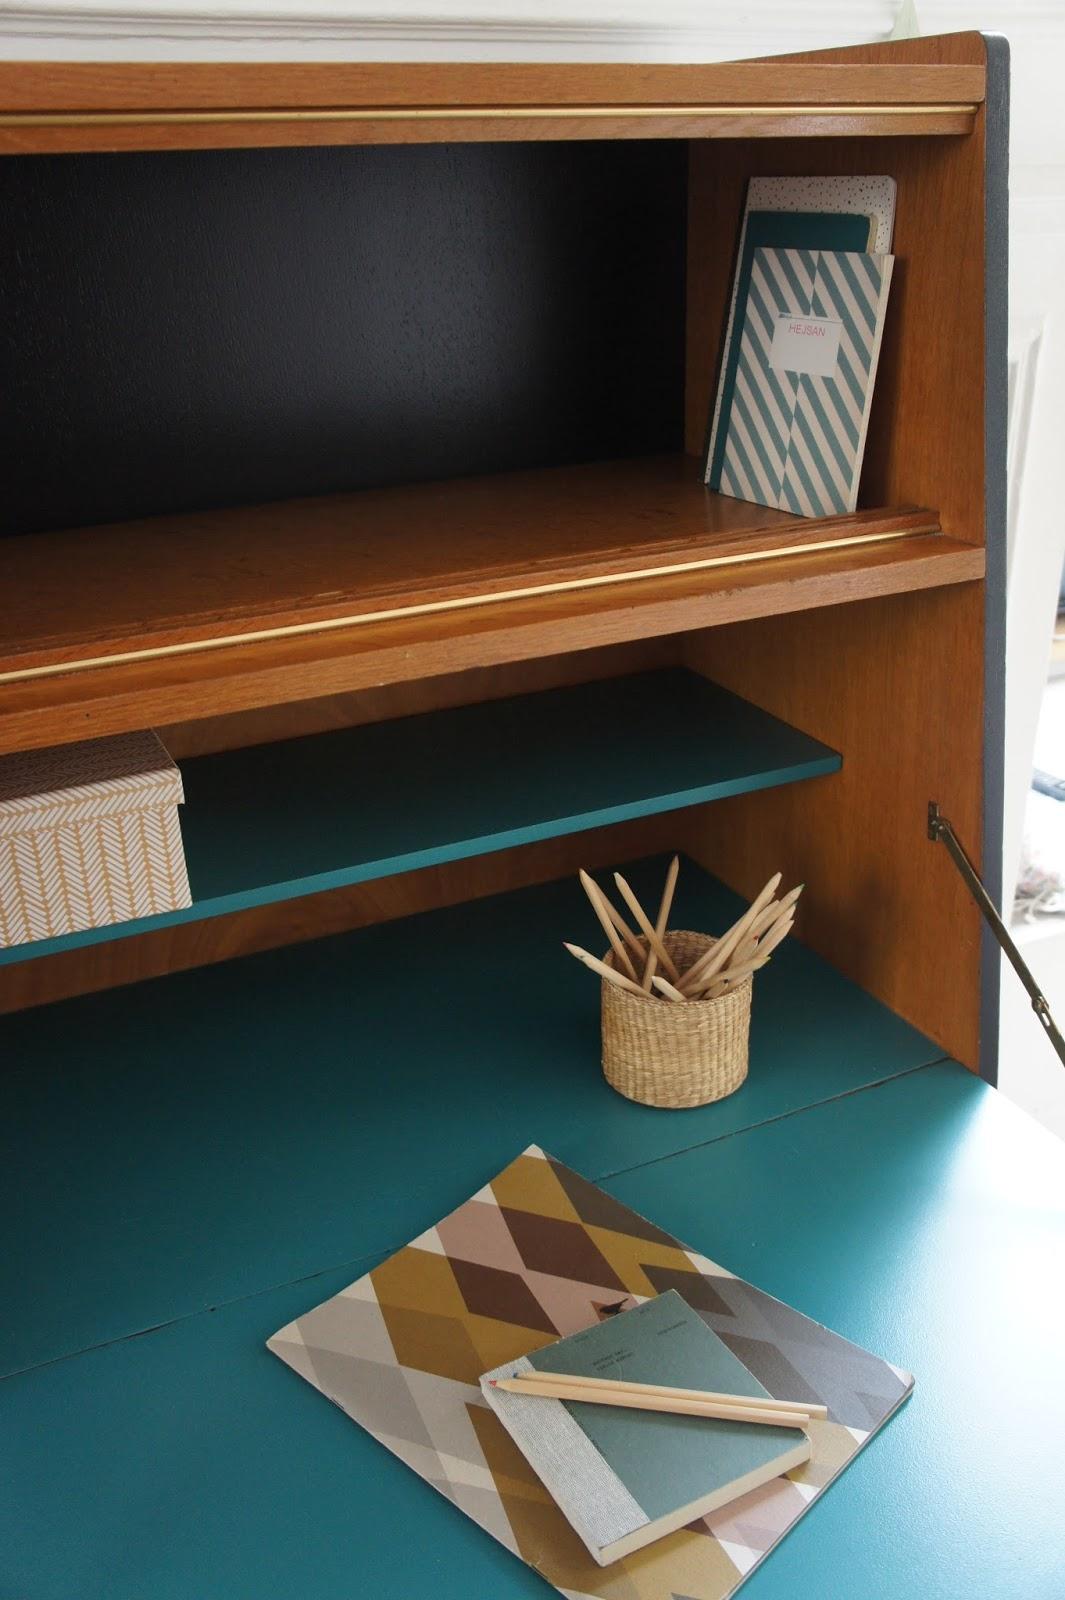 atelier petit toit le secr taire pieds compas de sonia. Black Bedroom Furniture Sets. Home Design Ideas